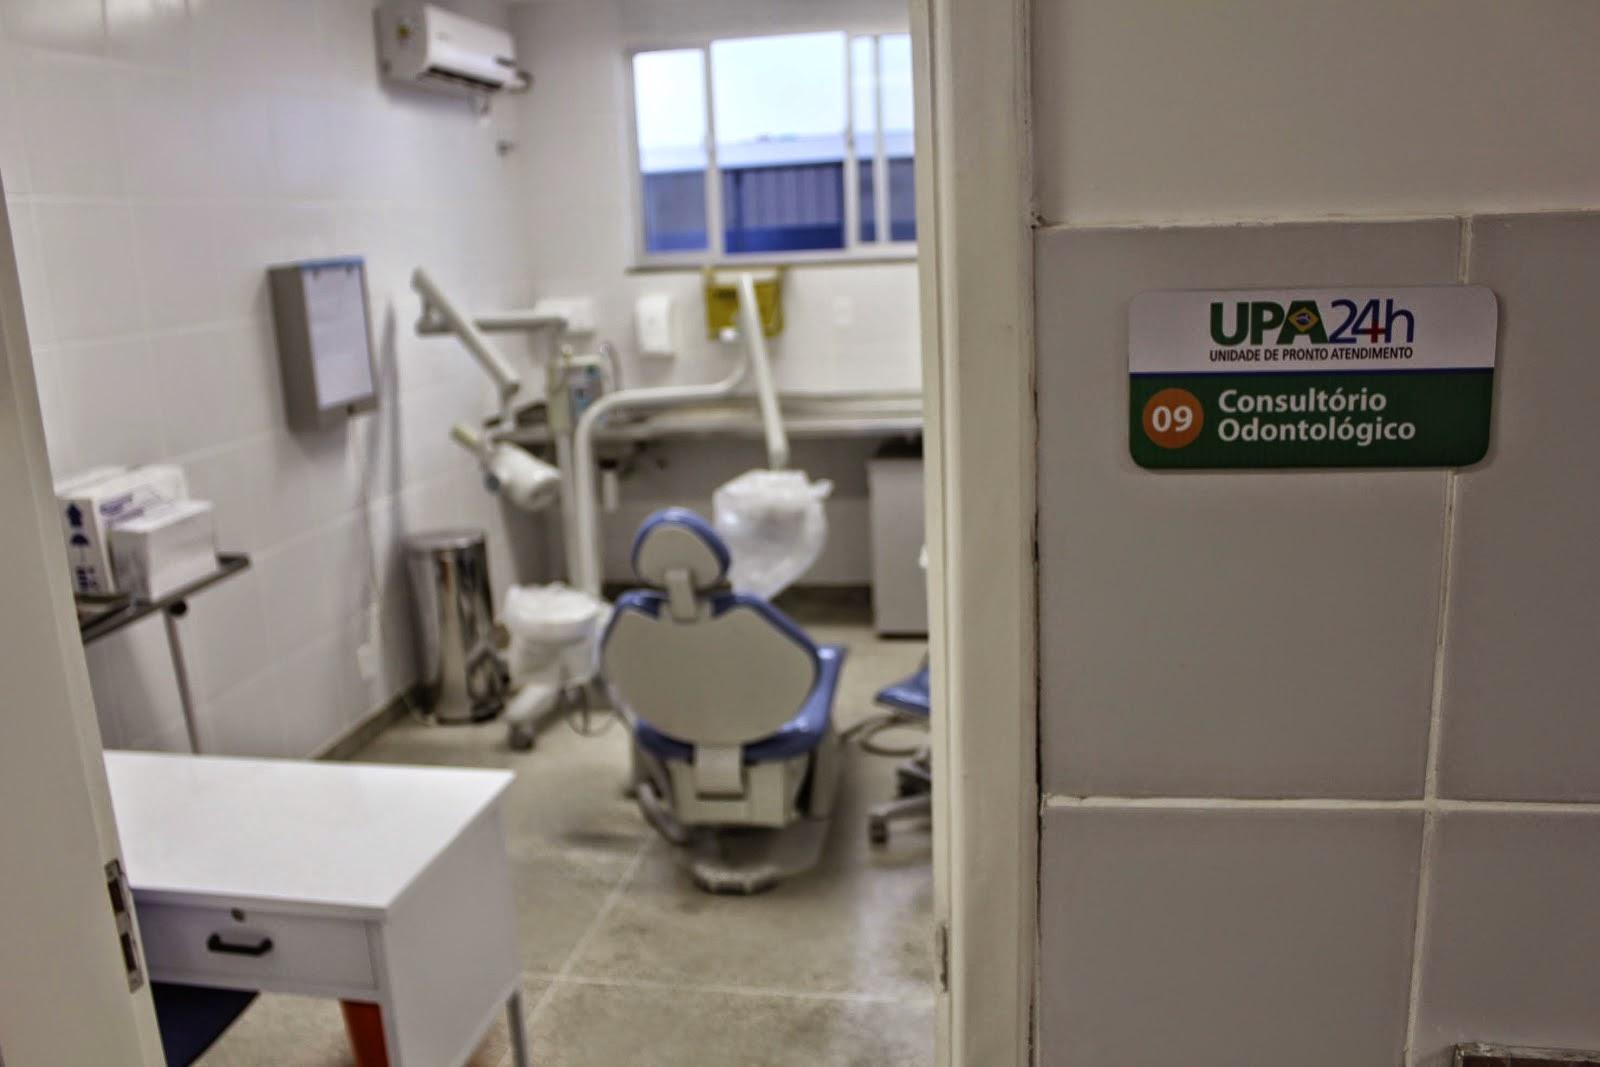 UPA San Martin oferece atendimento odontológico de urgência e emergência